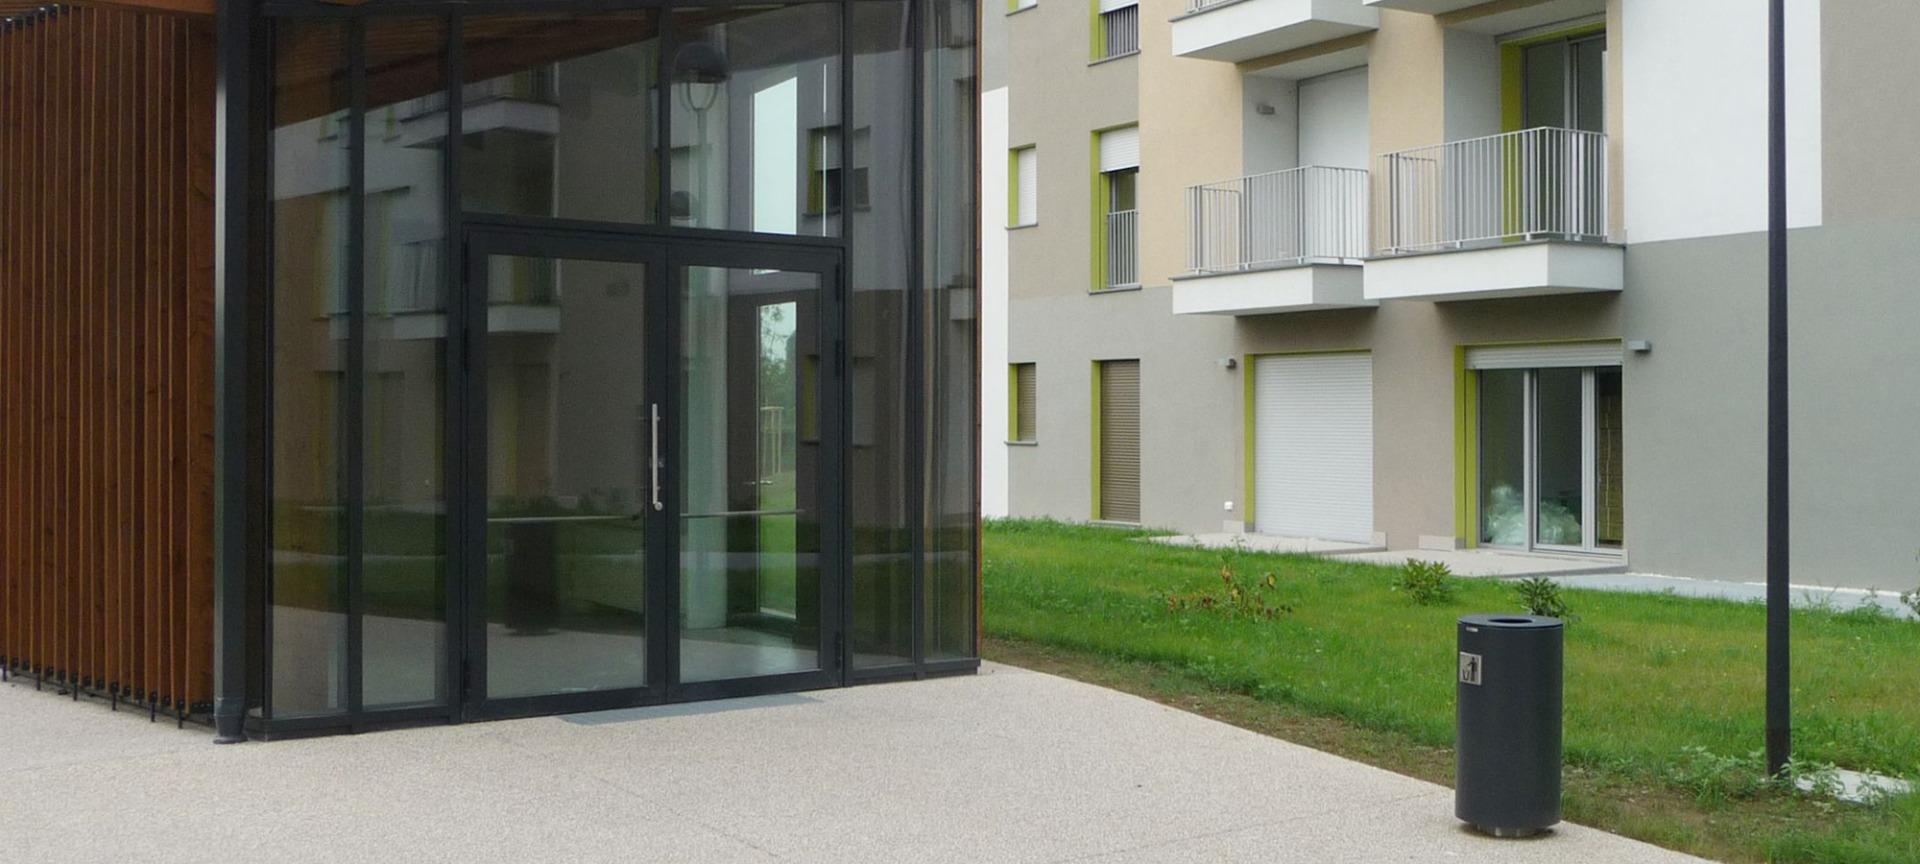 Figino Residential Area, Milano